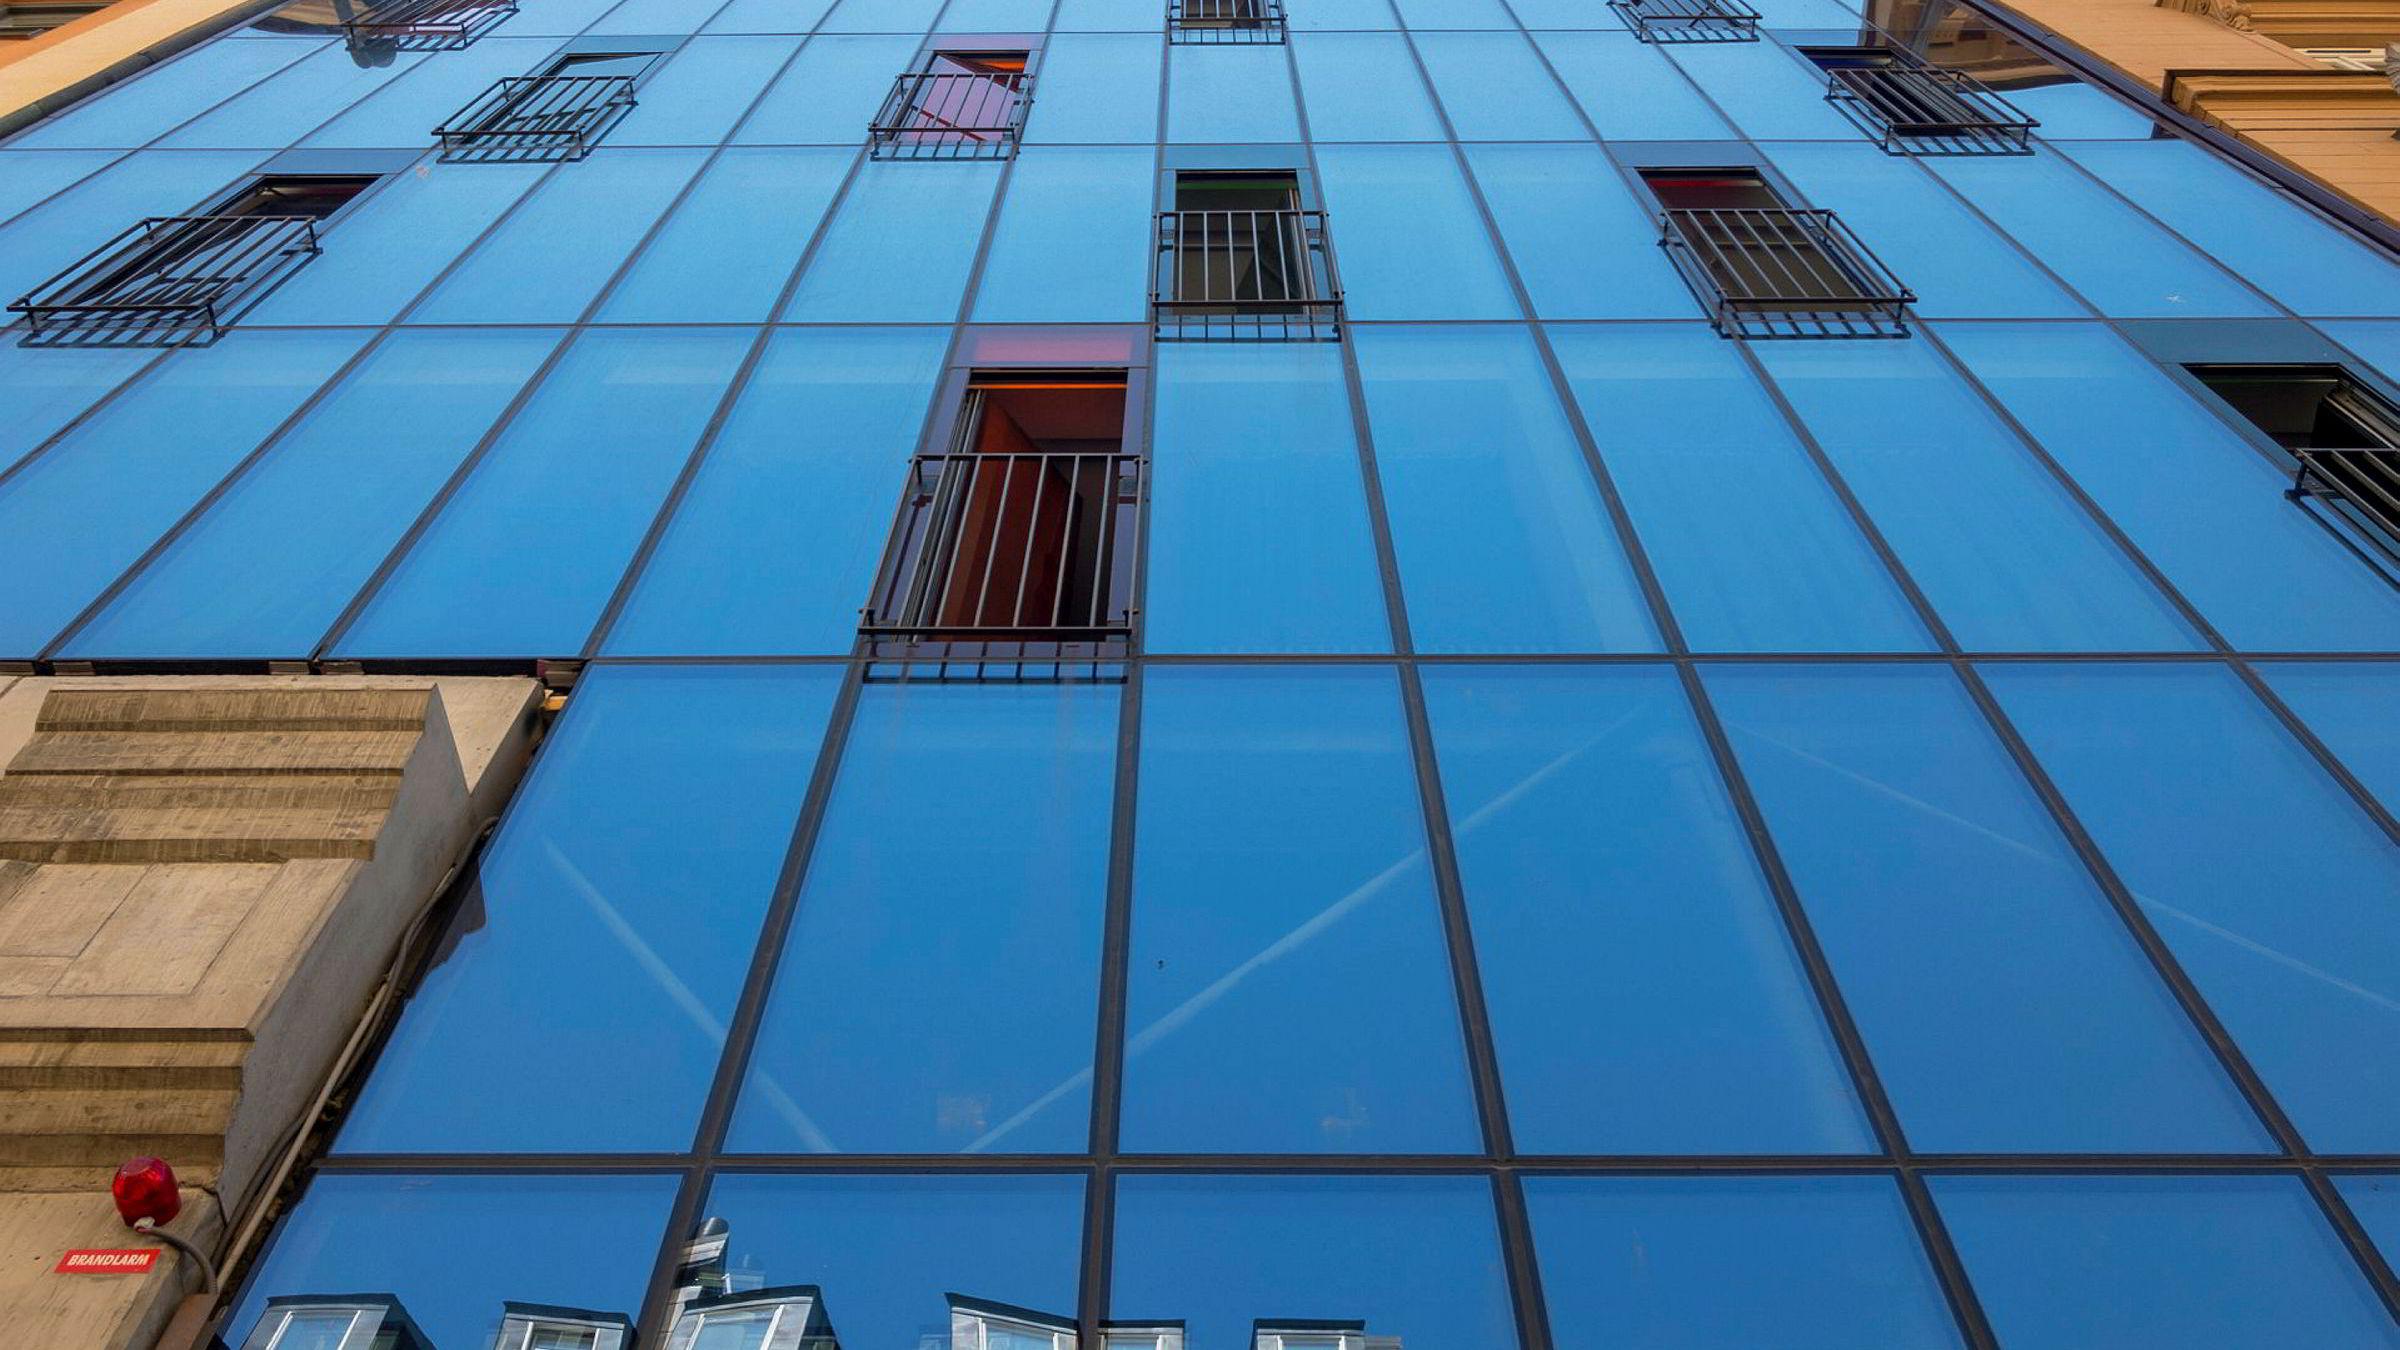 Hotellet henter navnet sitt fra den flotte glassfasaden. Hellstens Glashus.